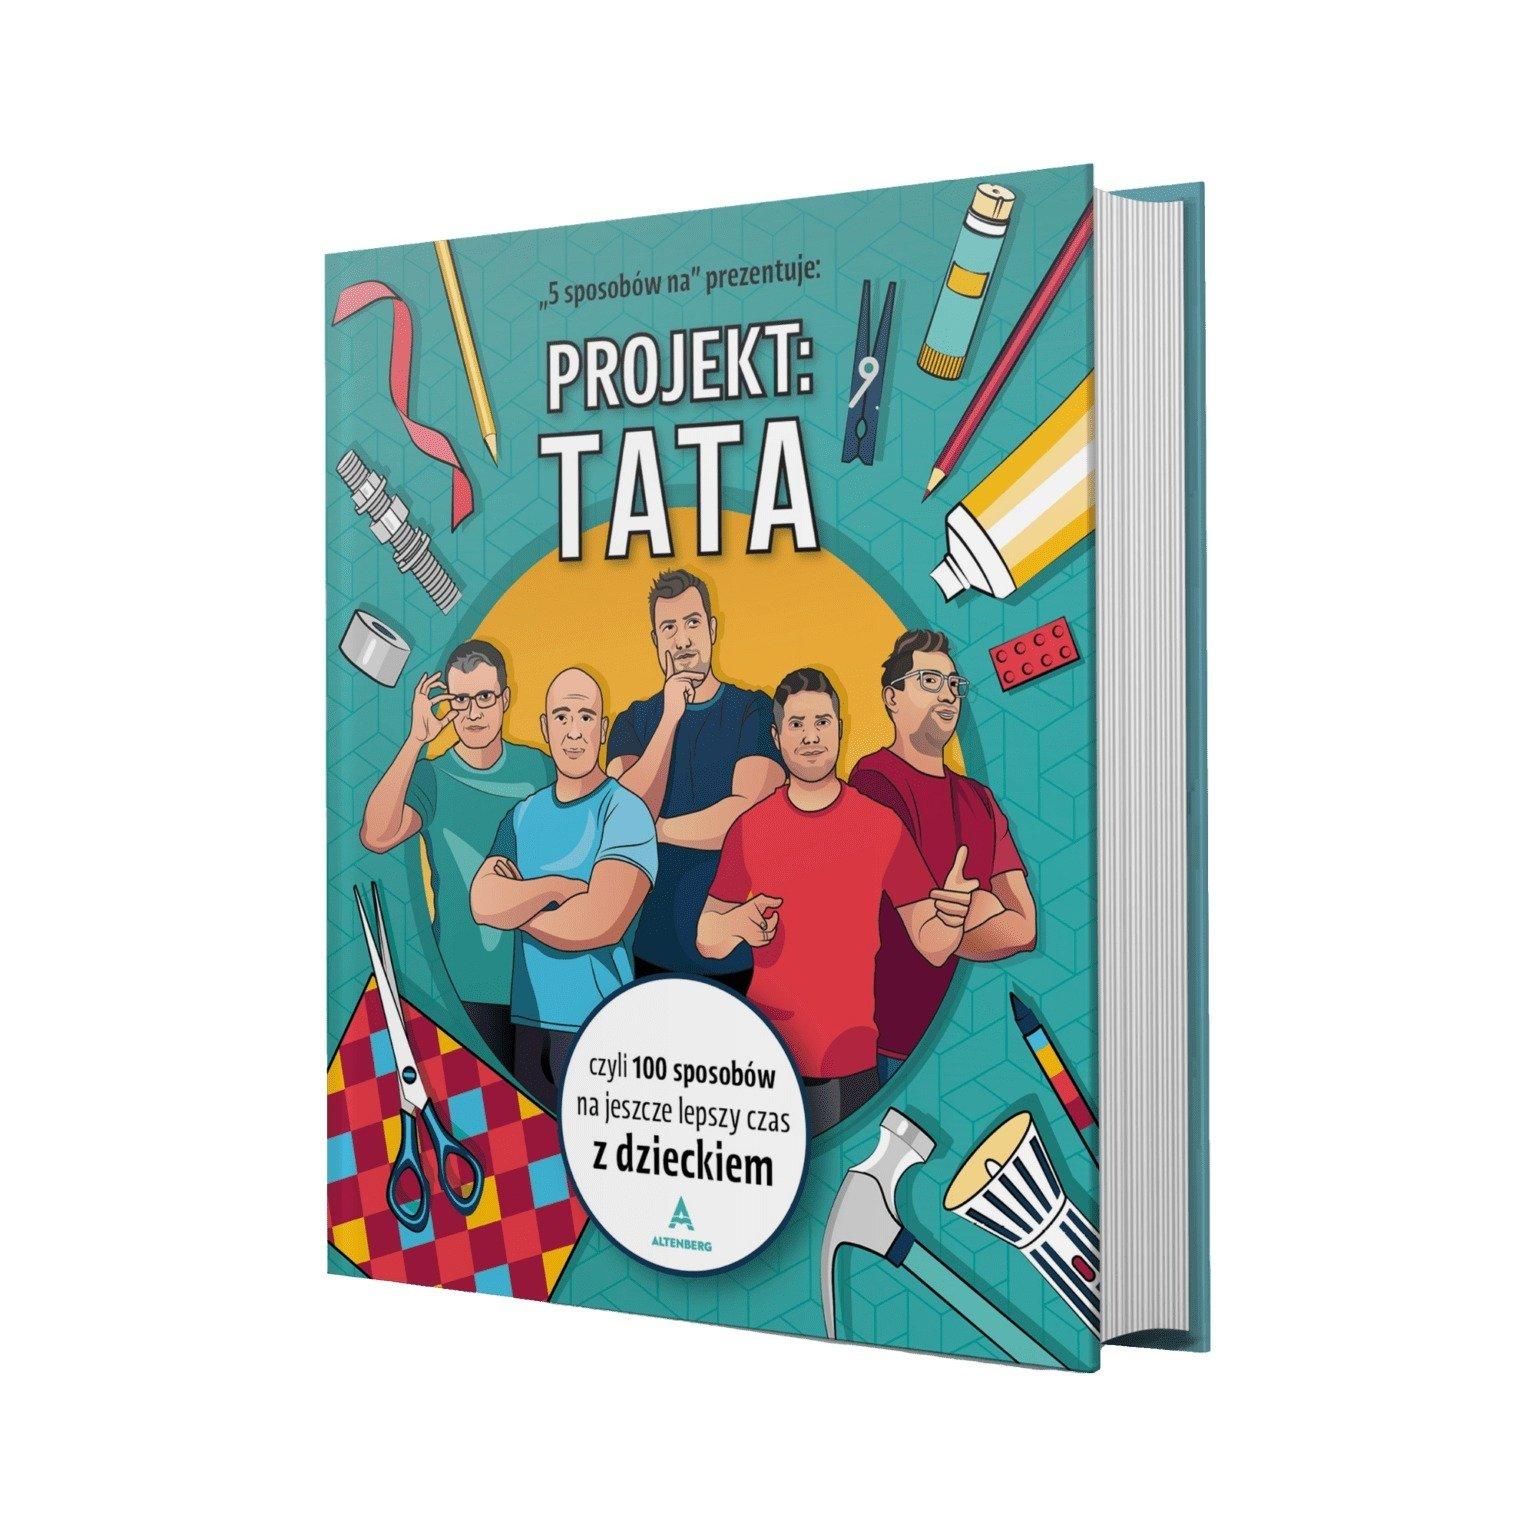 Projekt: Tata, czyli 100 sposobów na jeszcze lepszy czas z dzieckiem